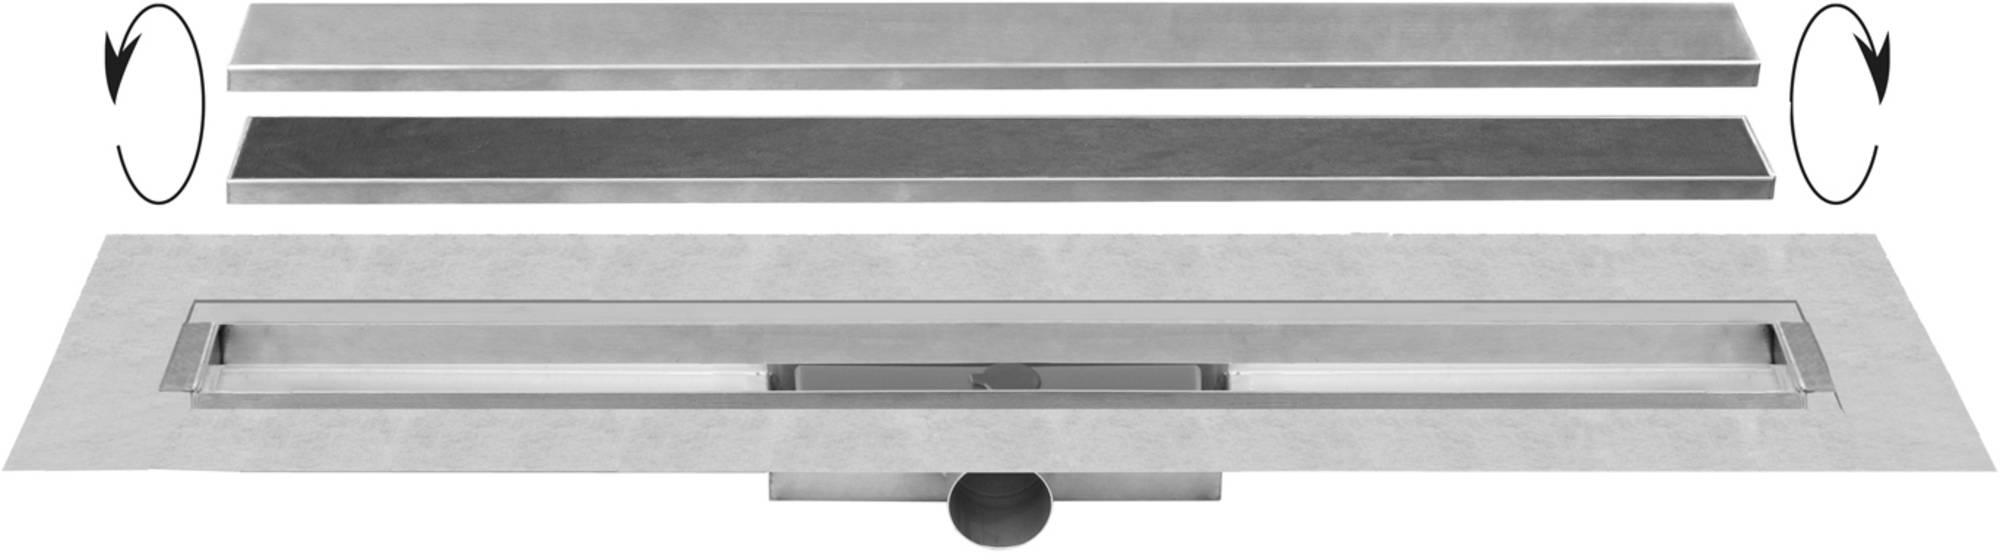 Easydrain Compact 30 taf afvoergoot 80 cm,rooster als zero of tegel design, rvs